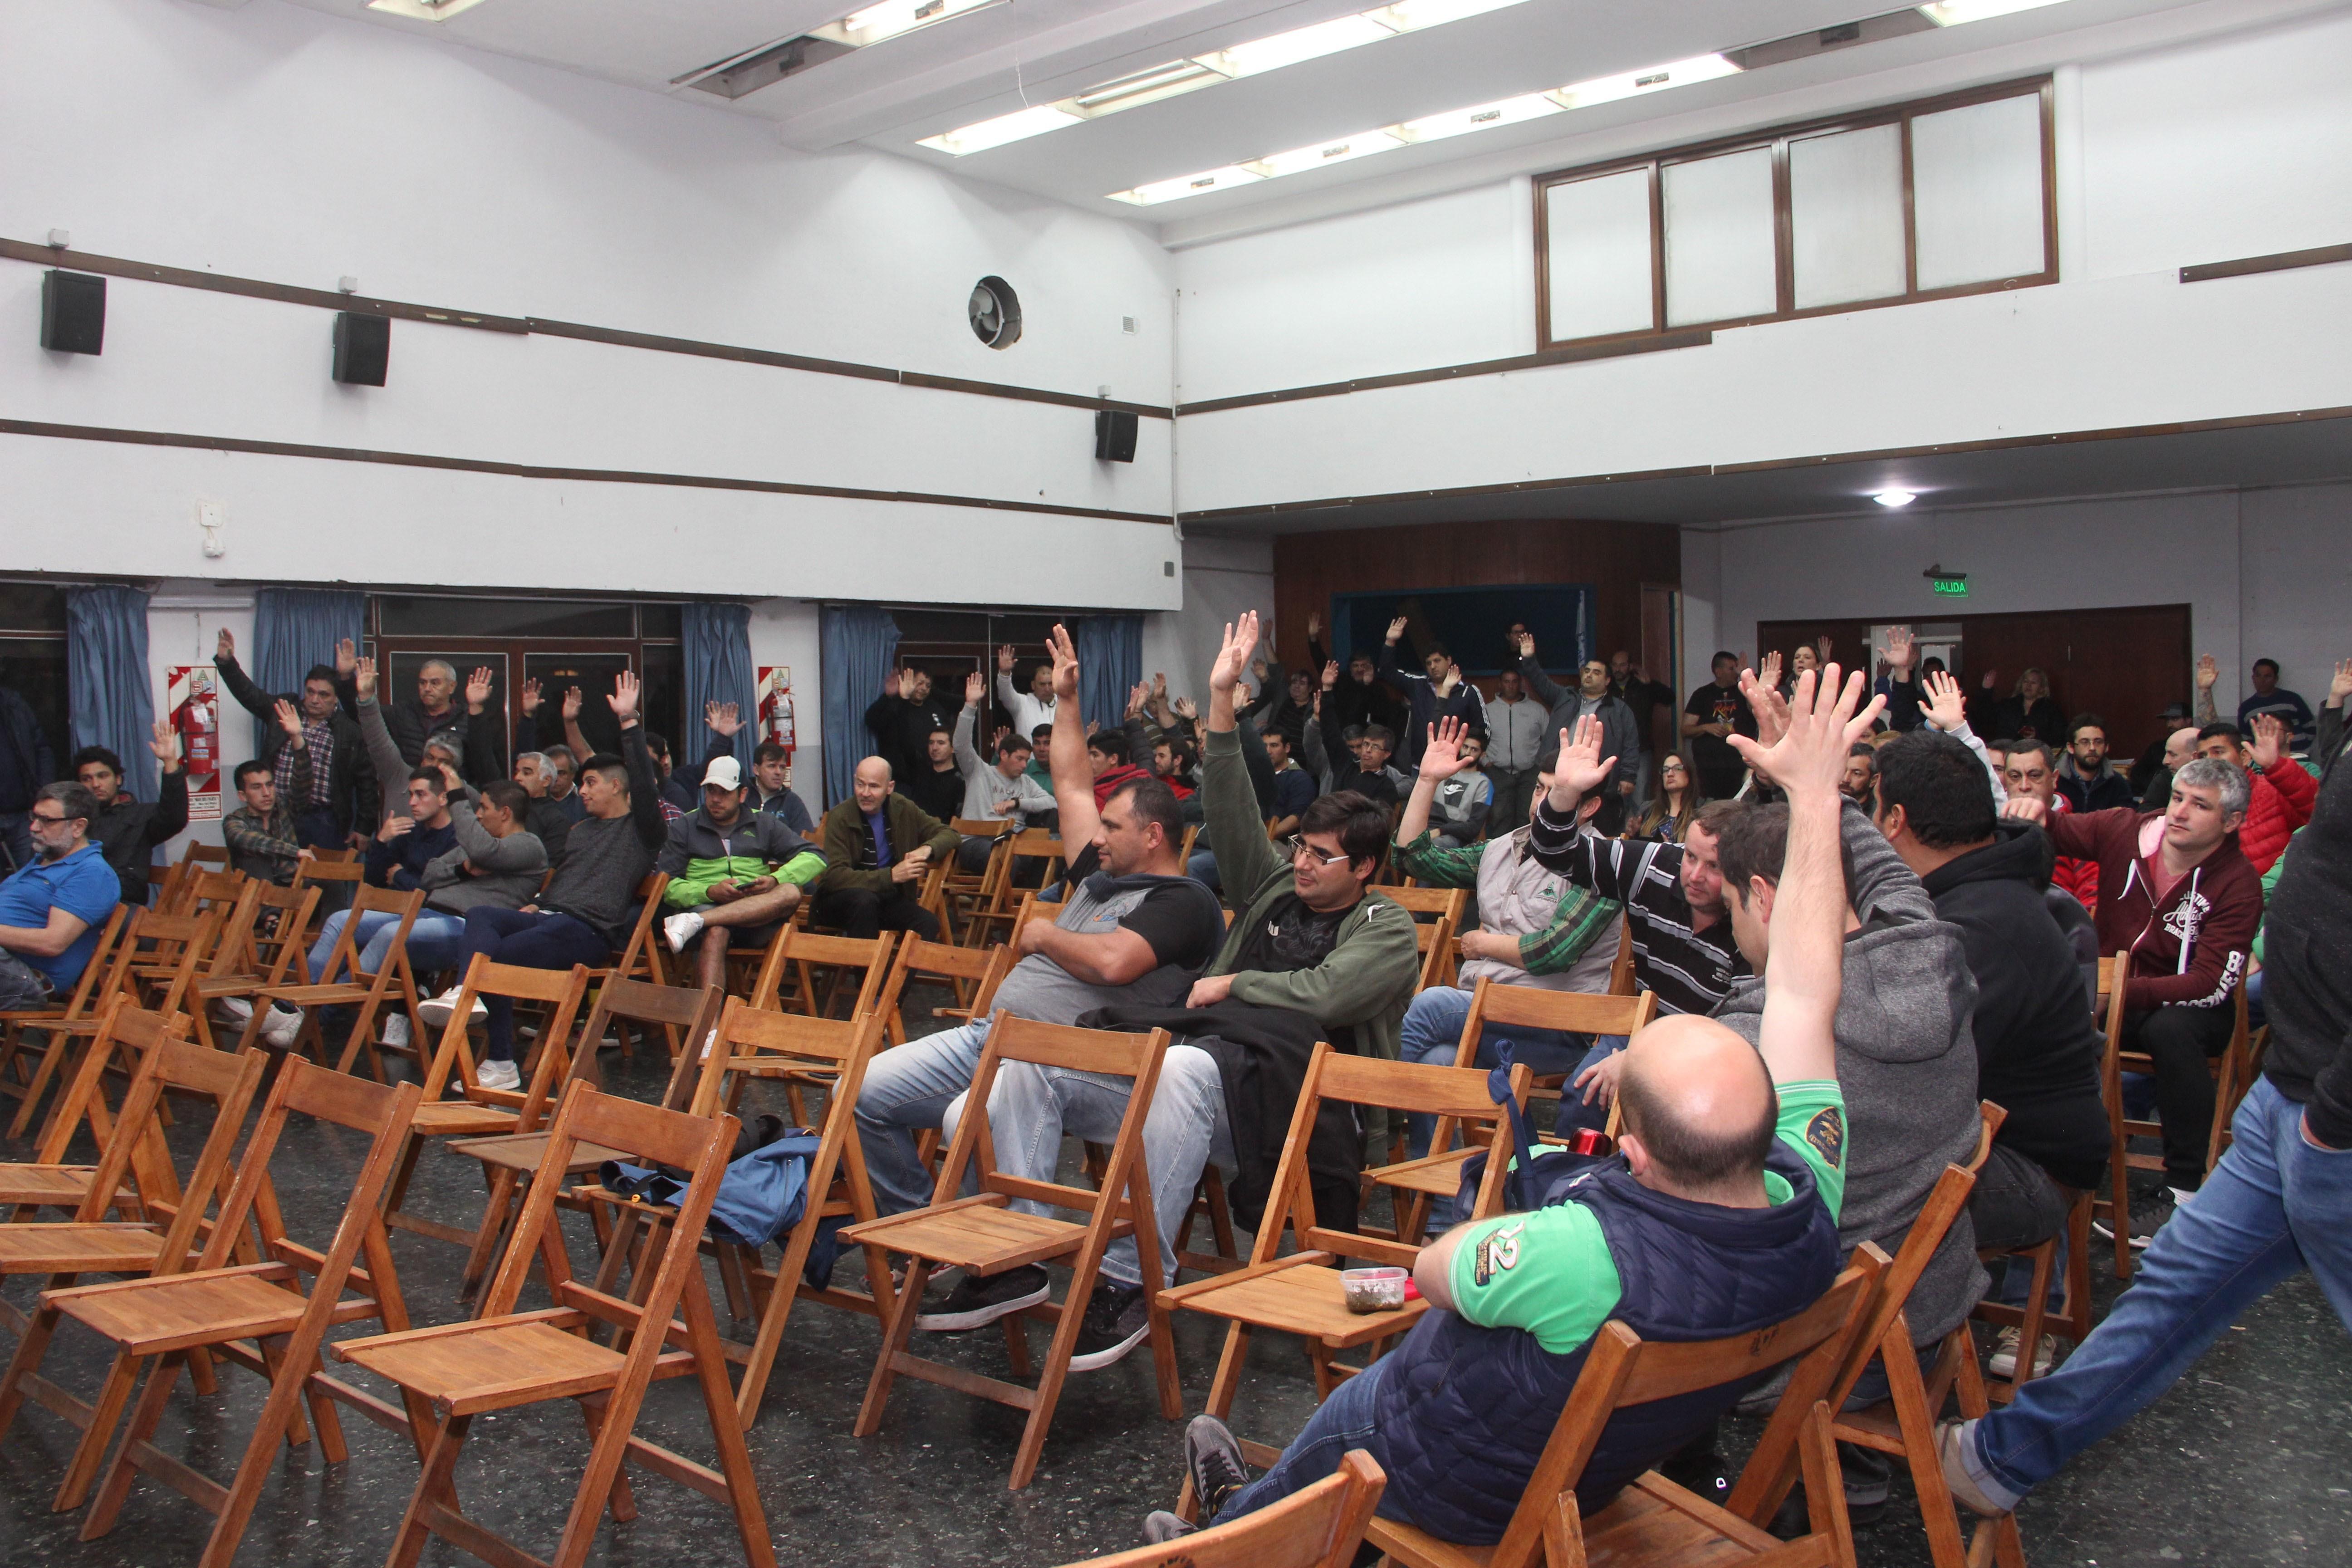 RESOLUCIÓN DE ASAMBLEA GENERAL EXTRAORDINARIA DEL 14-09-2018 PUNTO 3